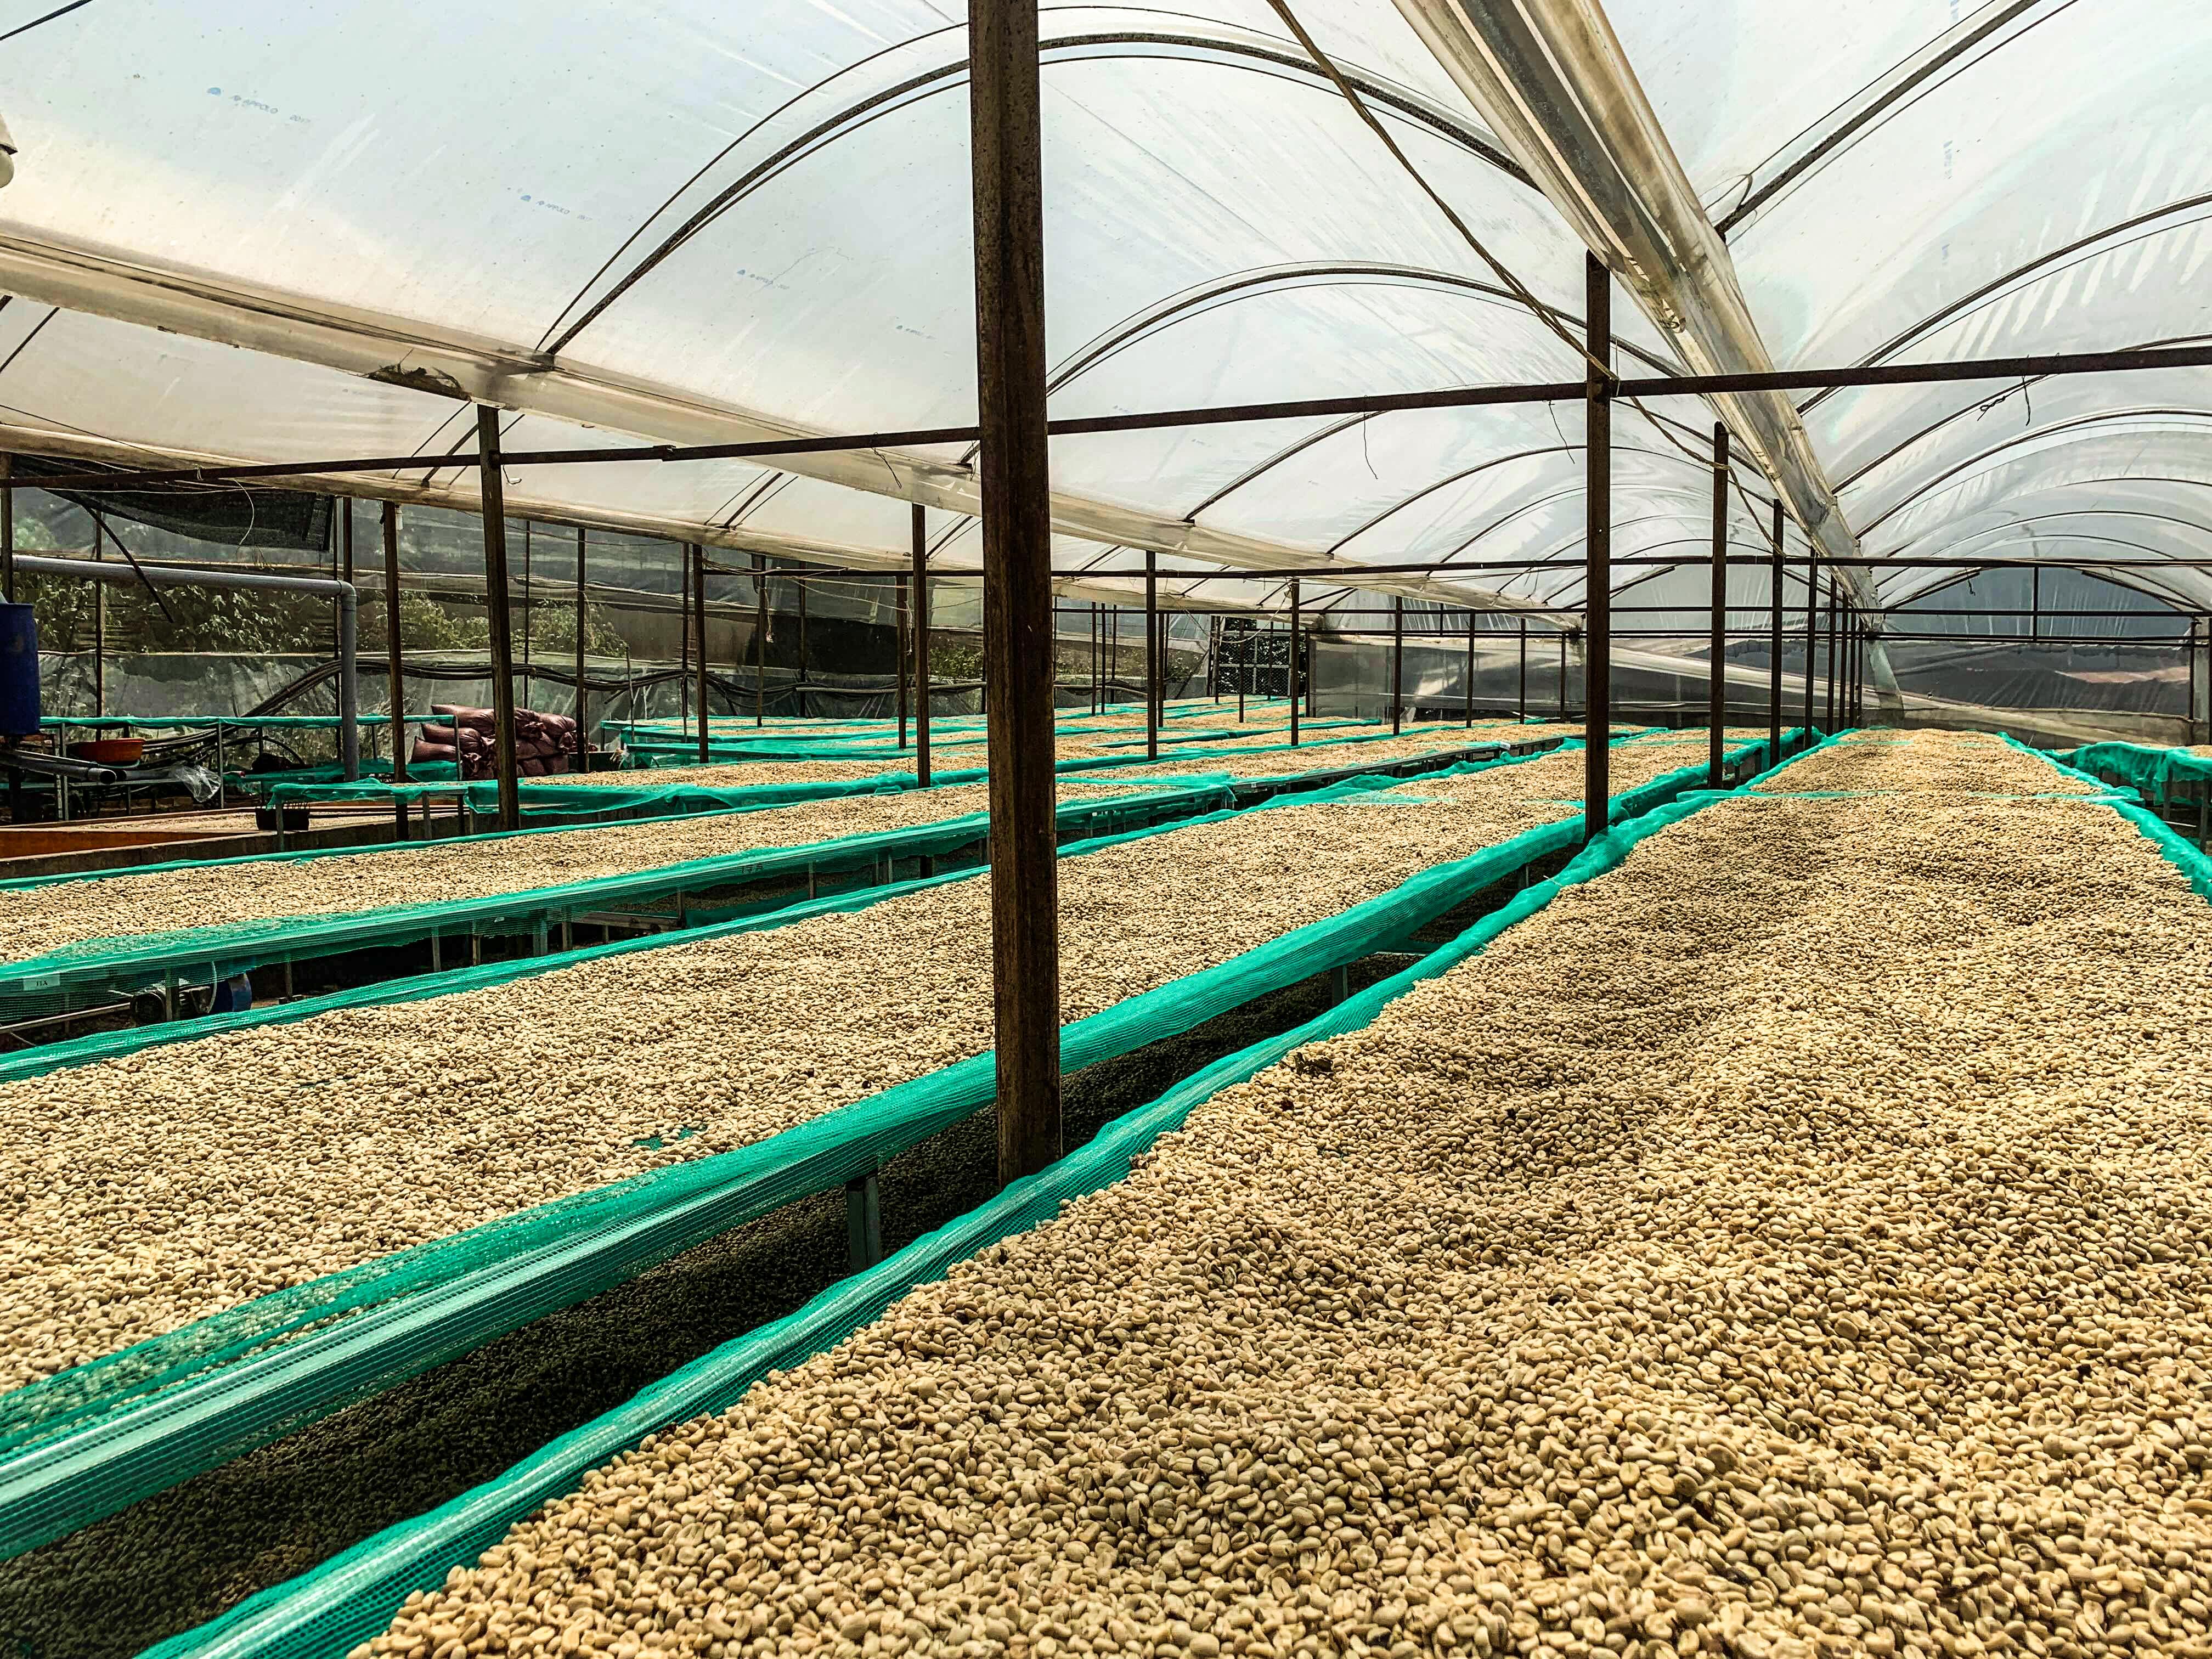 100% hạt cà phê của HANCOFFEE đều được phơi trên giàn phơi và được kiểm soát hàng ngày bởi chuyên viên R&D cho đến khi đạt tiêu chuẩn.